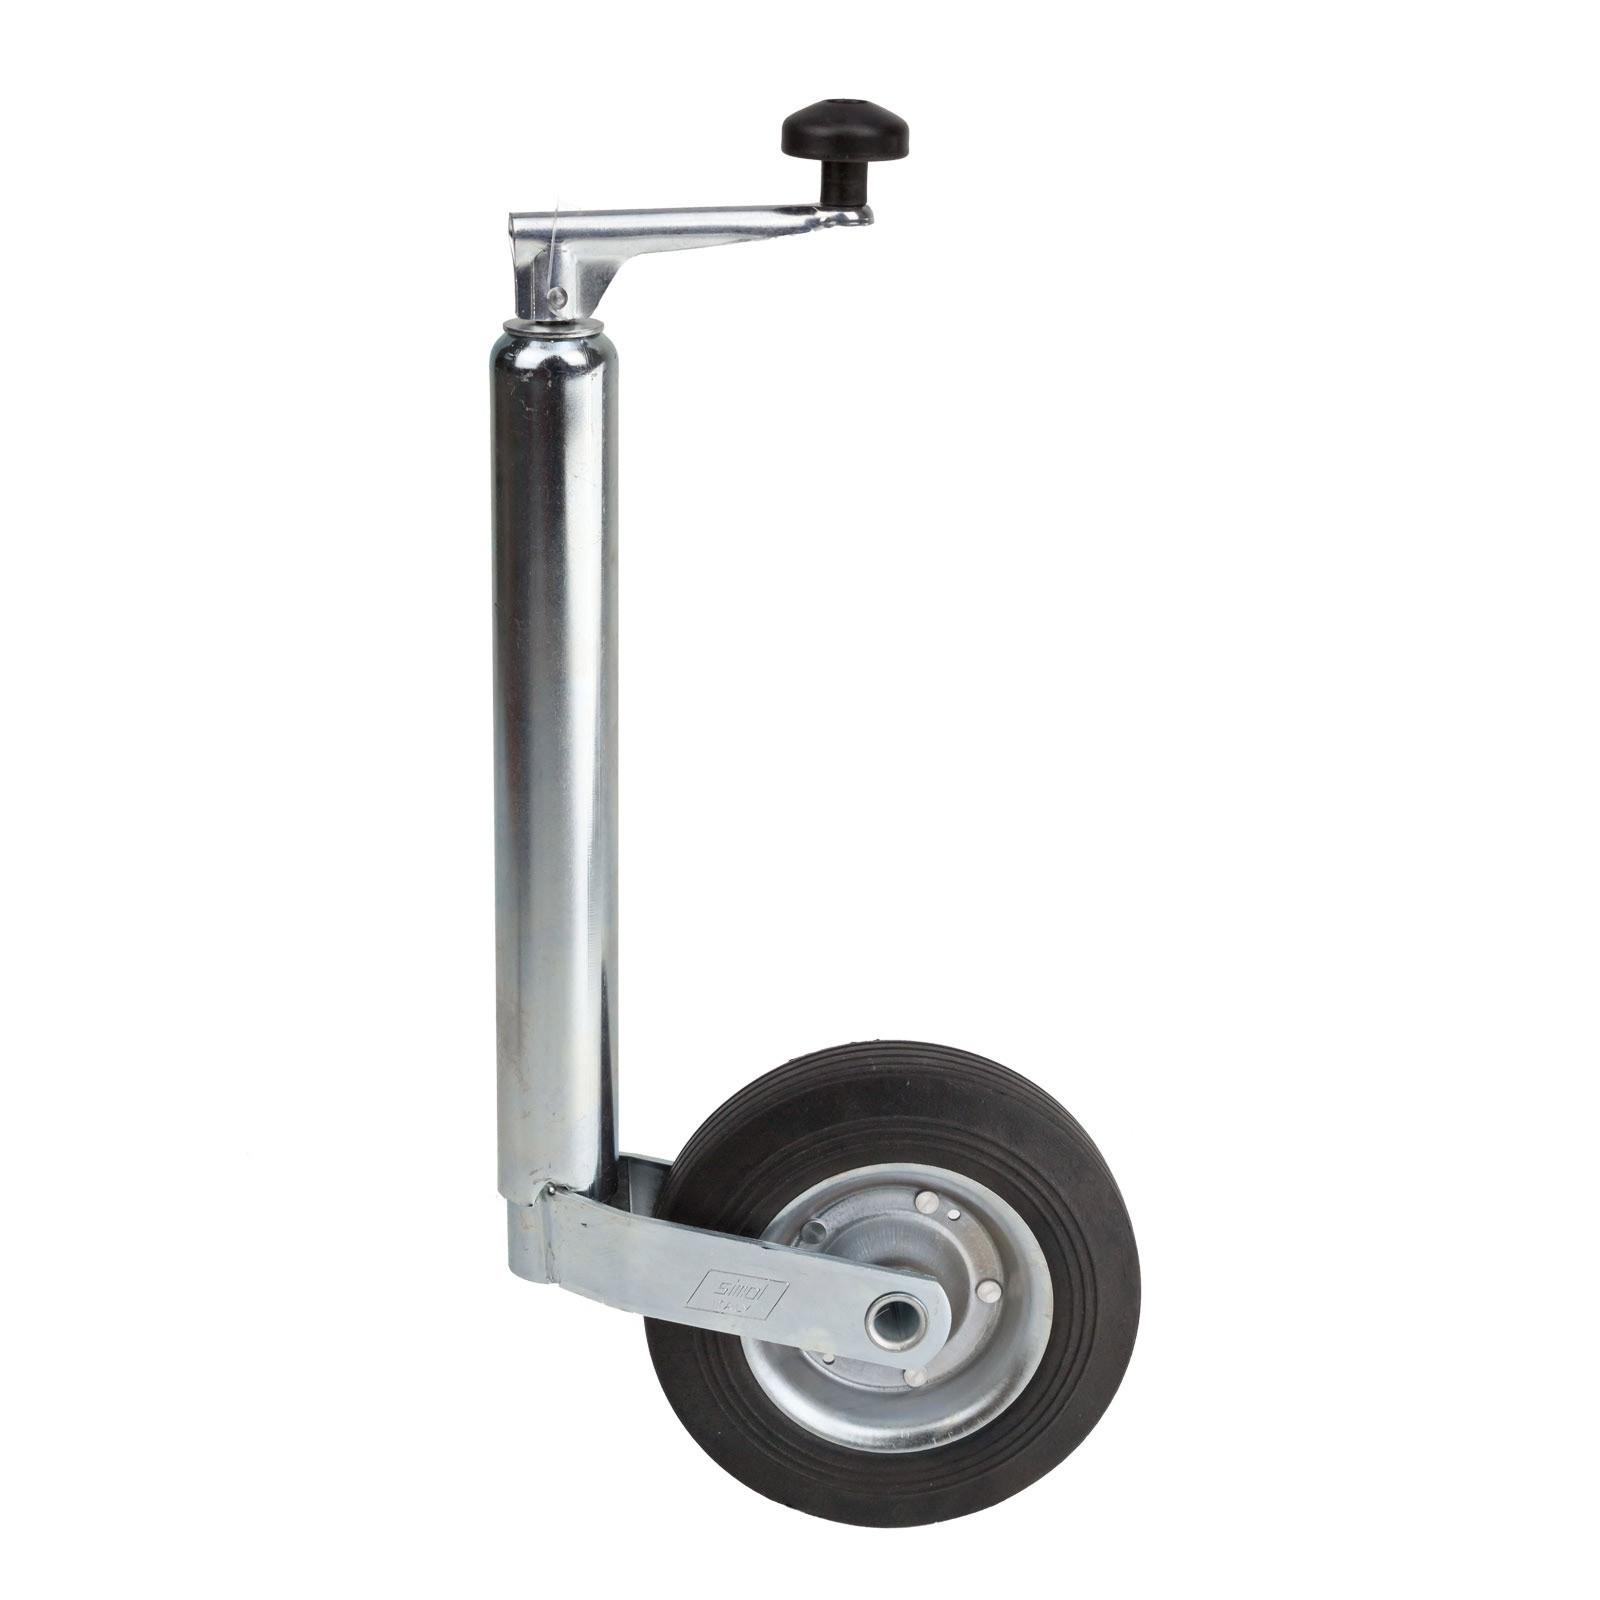 Dema PKW Anhänger Stützrad Anhängerstützrad verzinkt bis 150 kg 20106